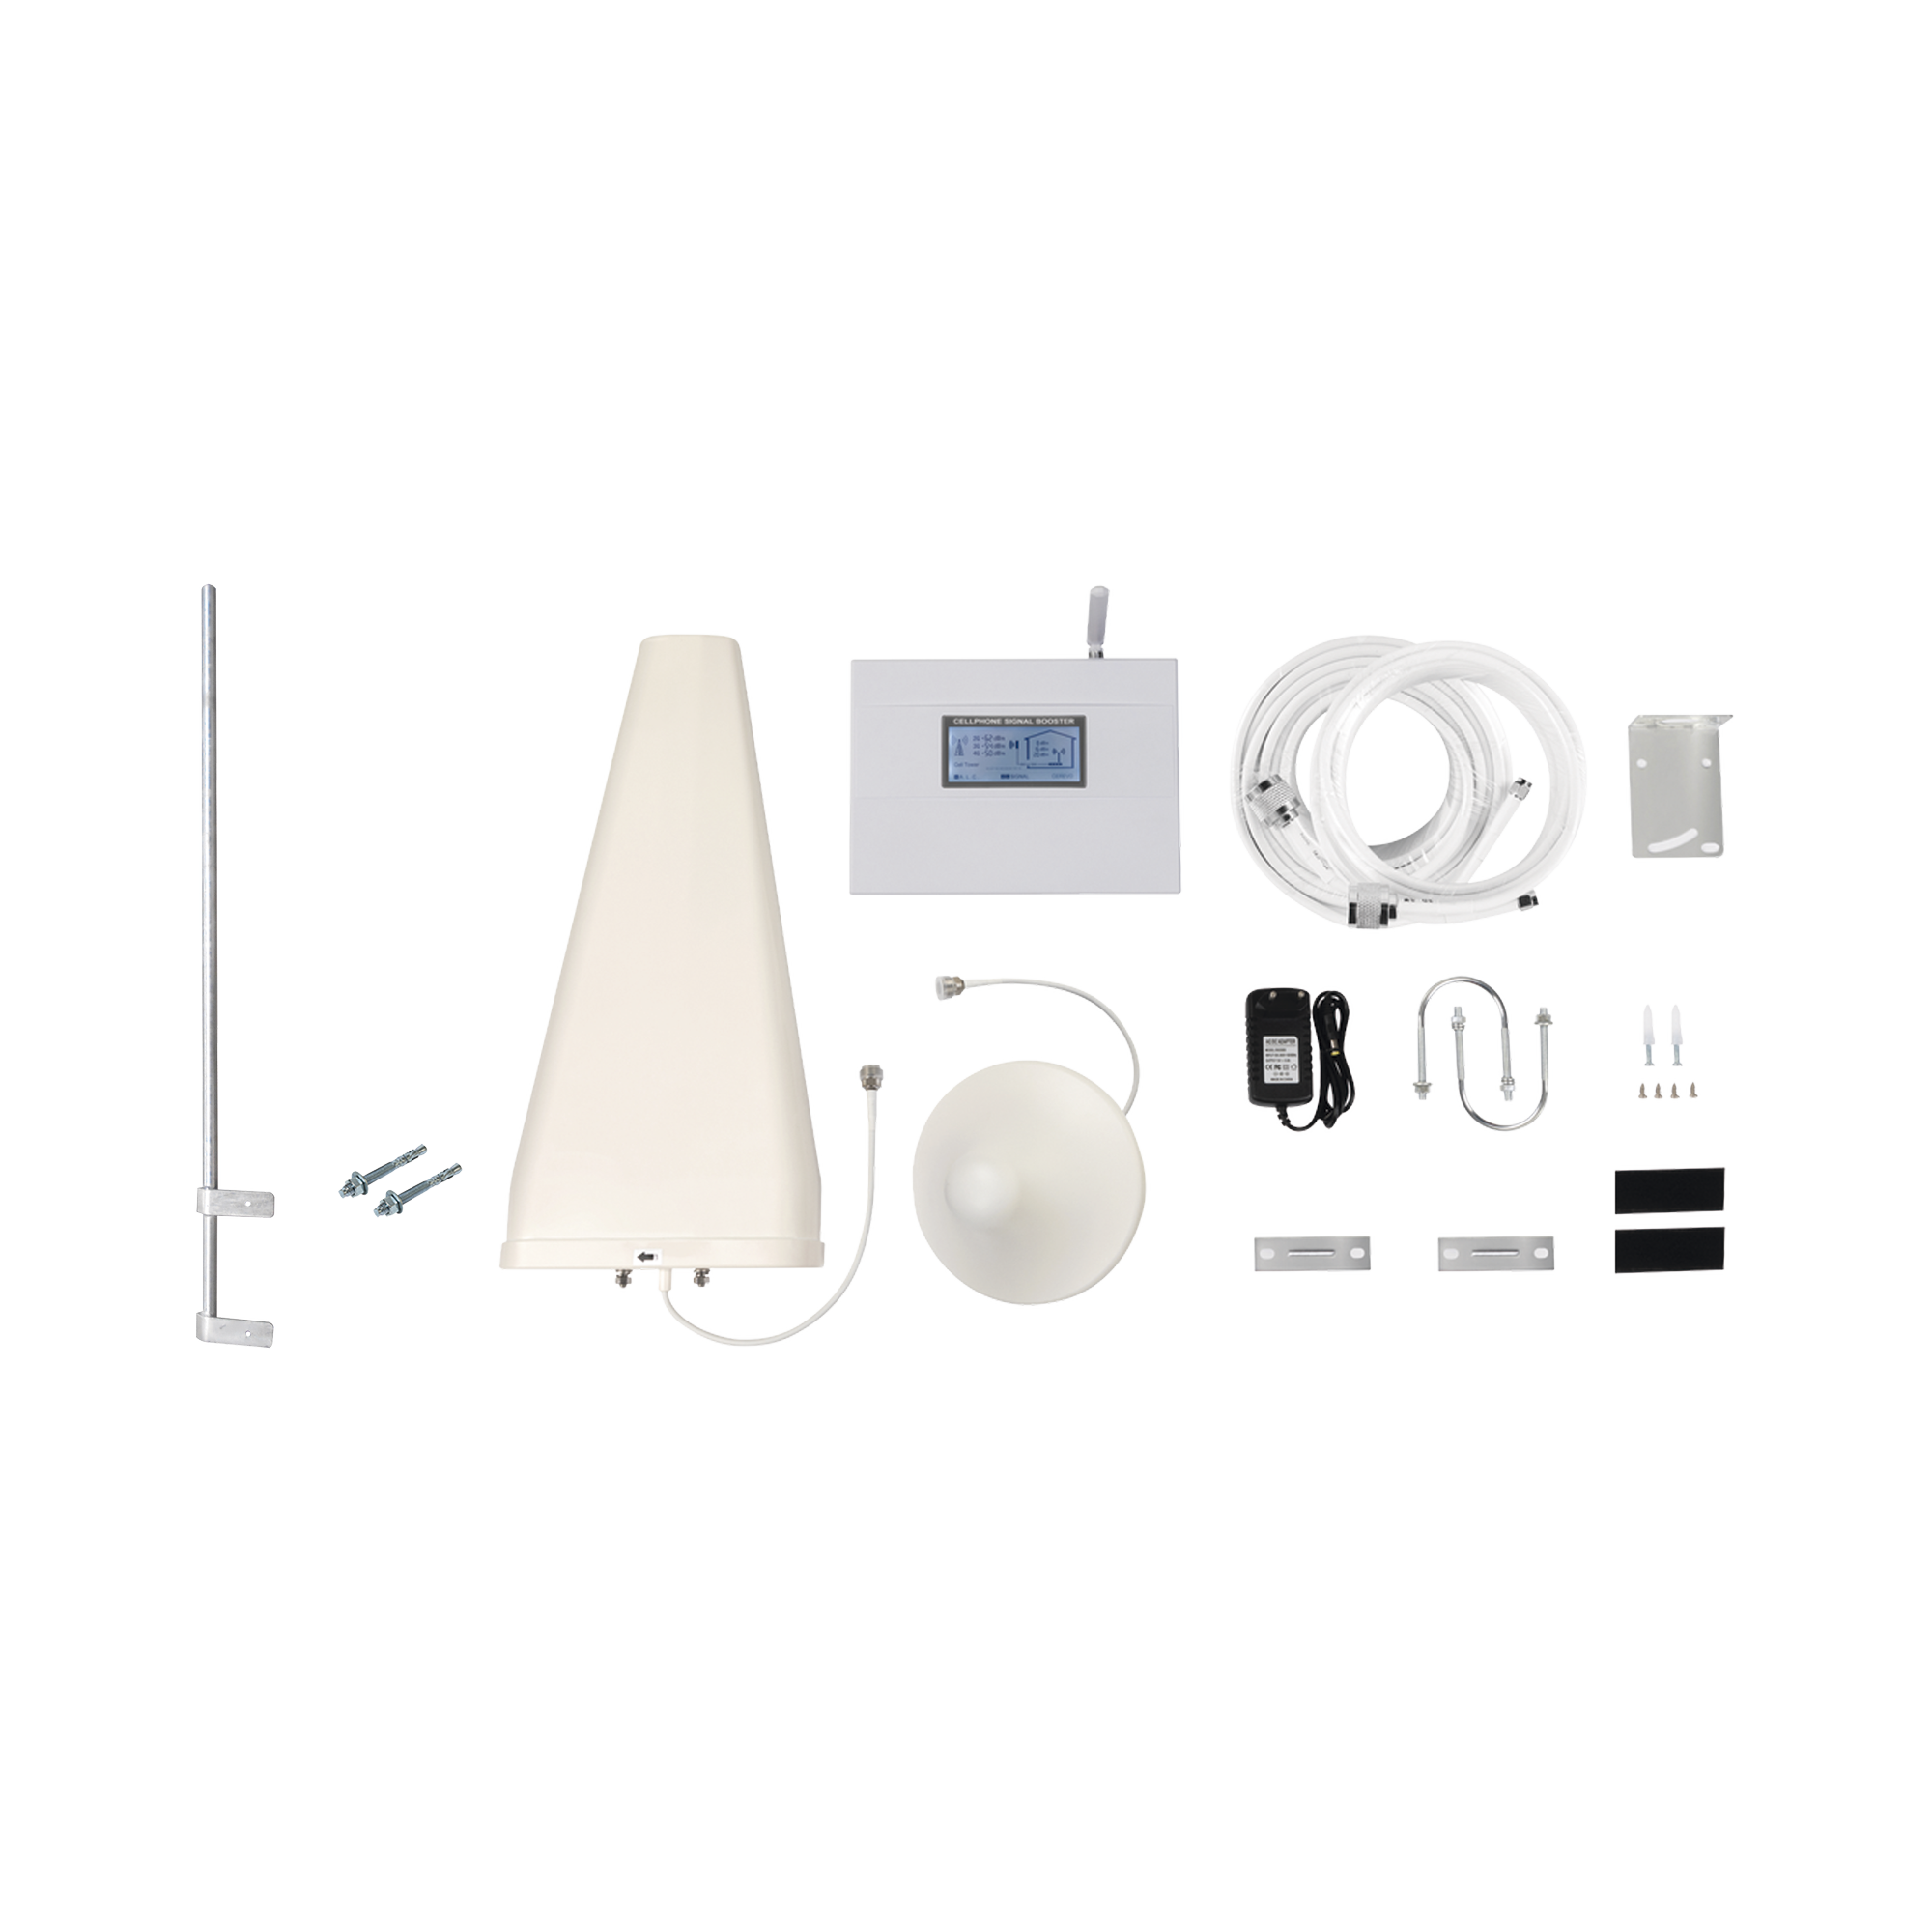 Kit de Amplificador de Señal Celular 4G LTE con Mástil Liviano de Pared | Funciona con Todos los Operadores | Soporta Múltiples Dispositivos y Tecnologías | Hasta 500 metros cuadrados de Cobertura